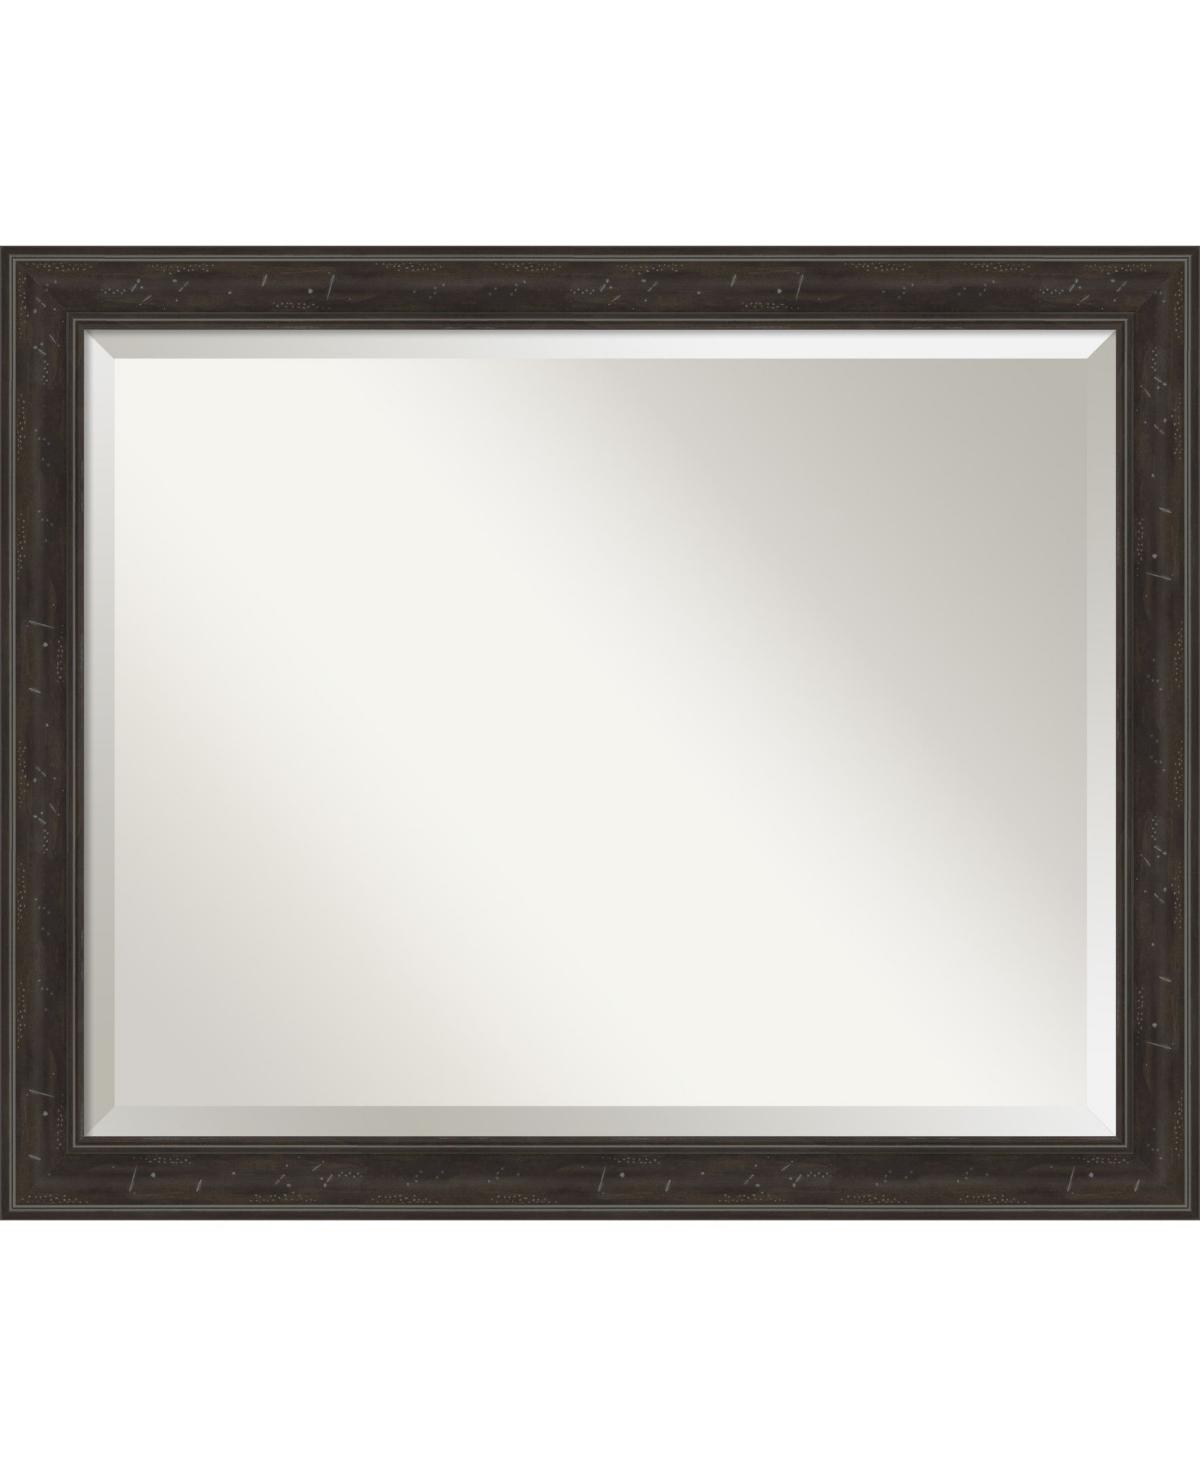 Amanti Art Shipwreck Framed Bathroom Vanity Wall Mirror, 32